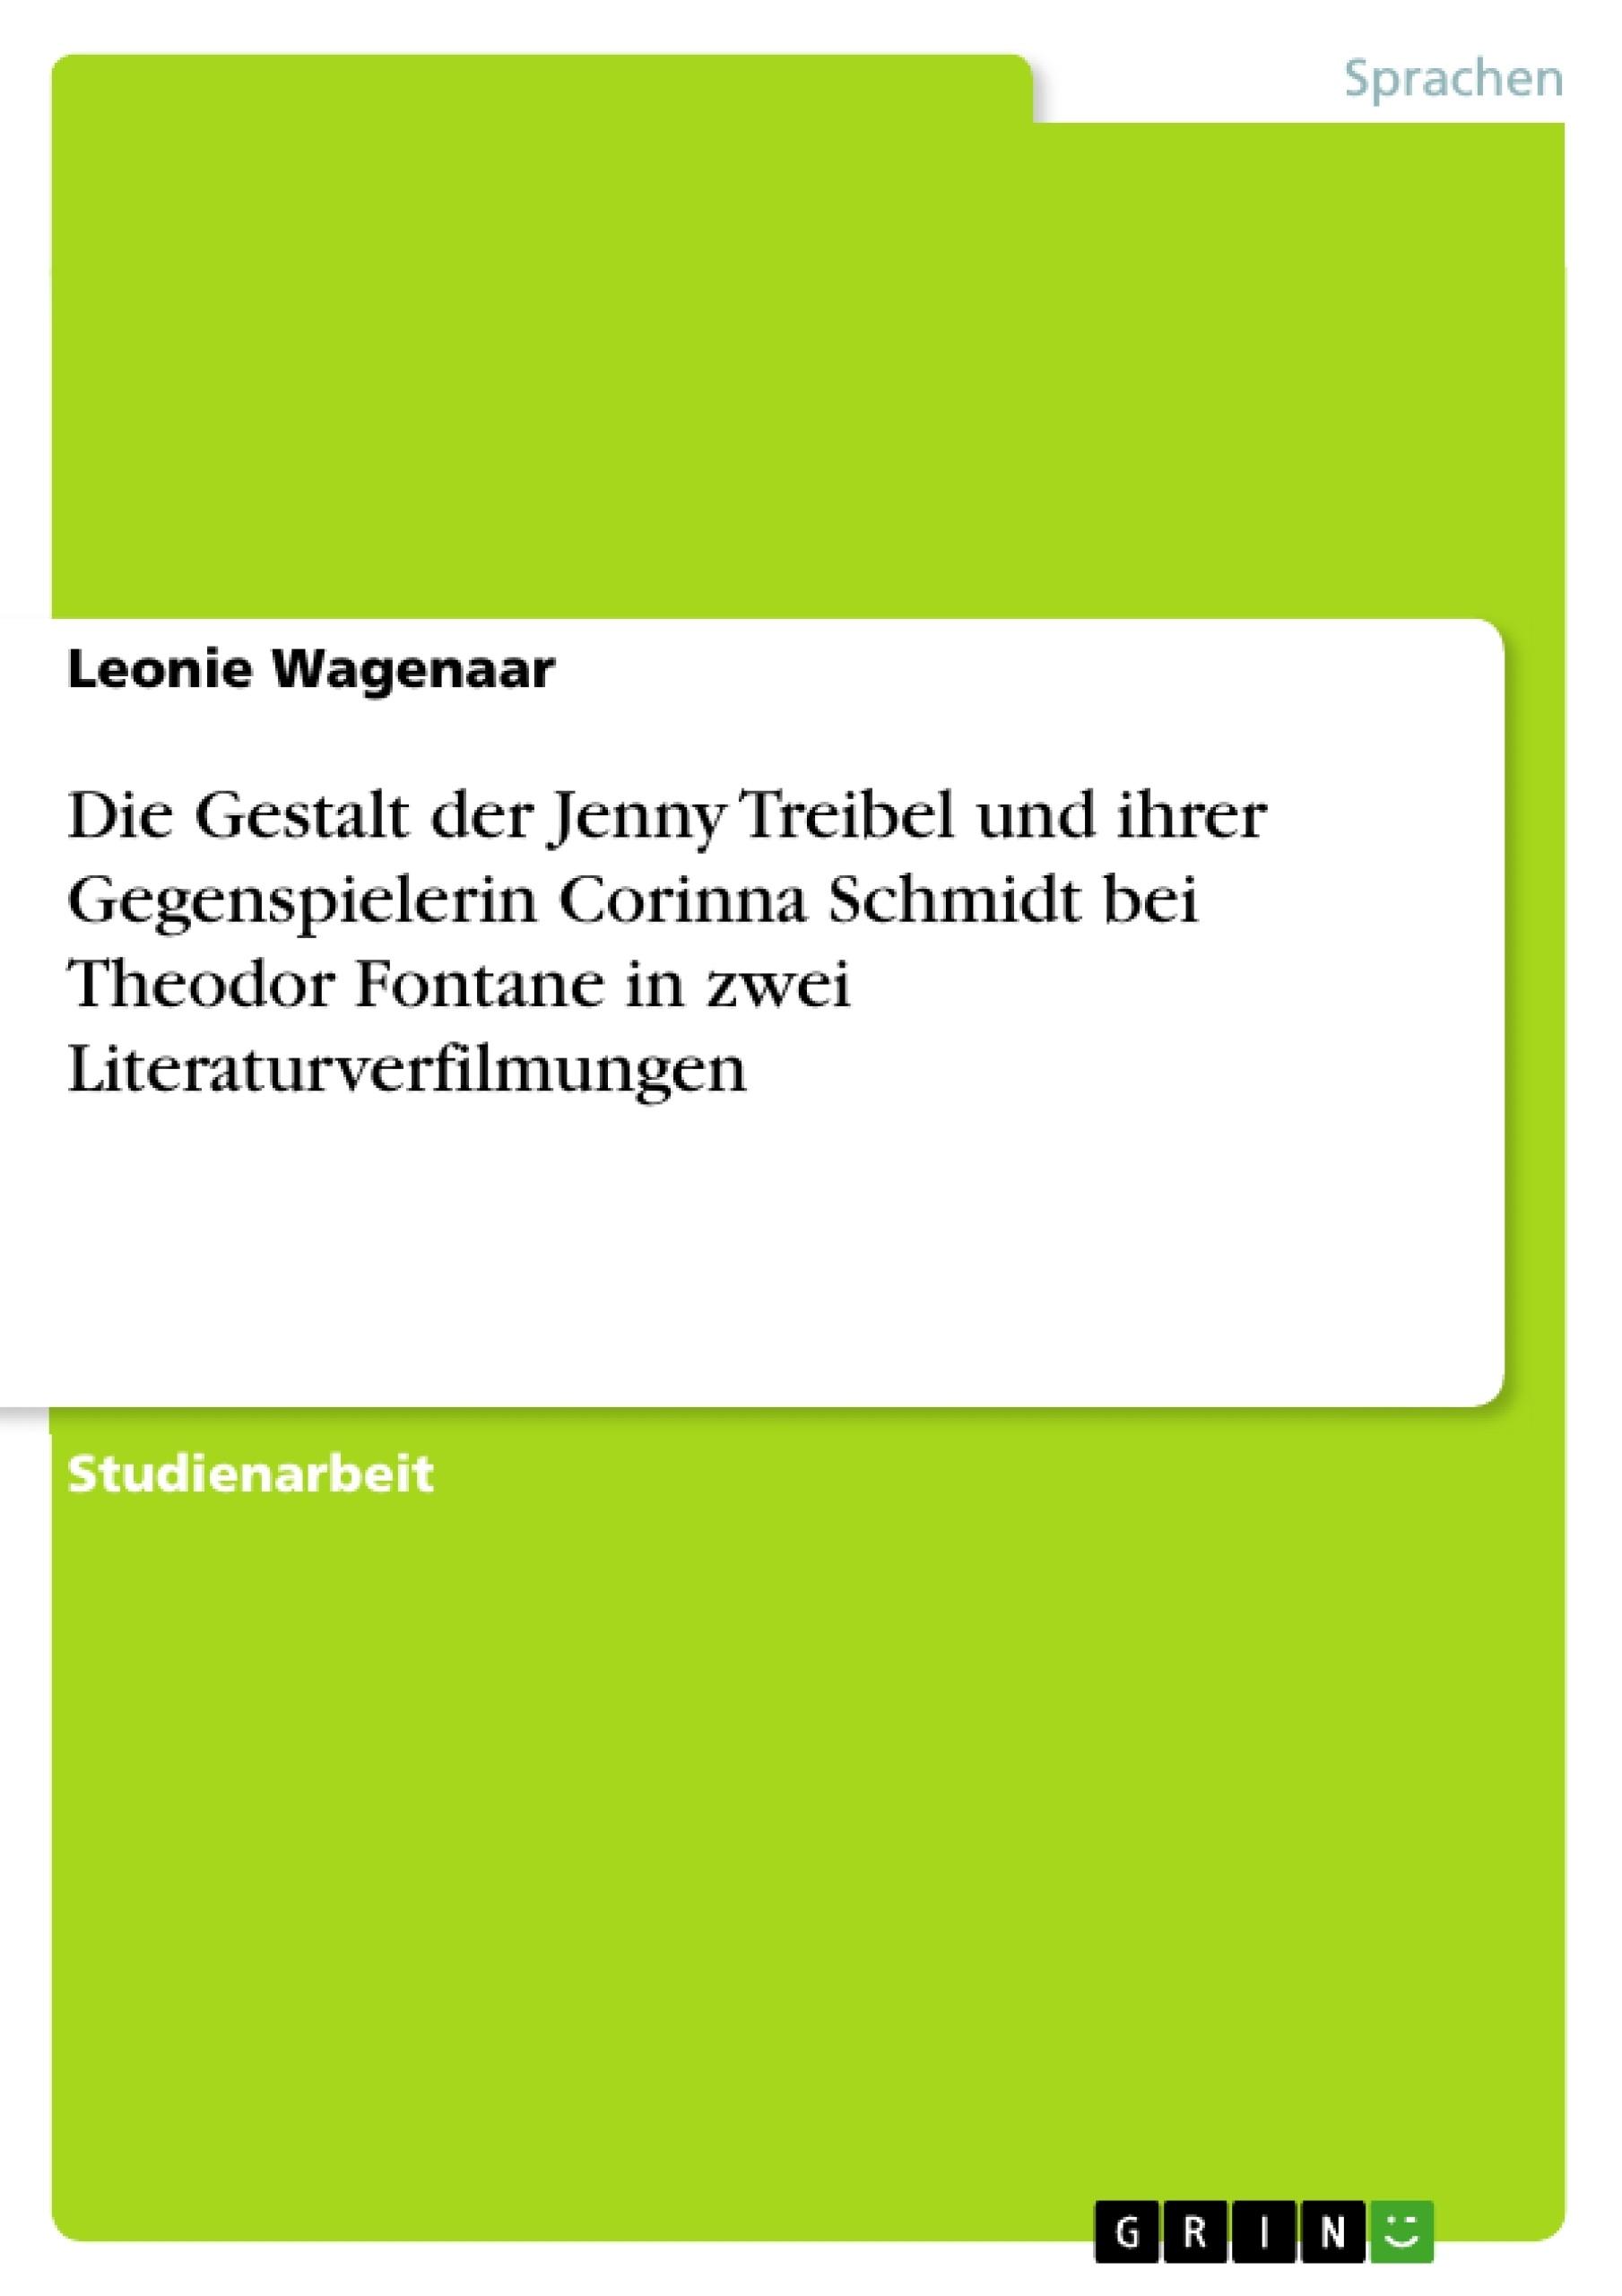 Titel: Die Gestalt der Jenny Treibel und ihrer Gegenspielerin Corinna Schmidt bei Theodor Fontane in zwei Literaturverfilmungen